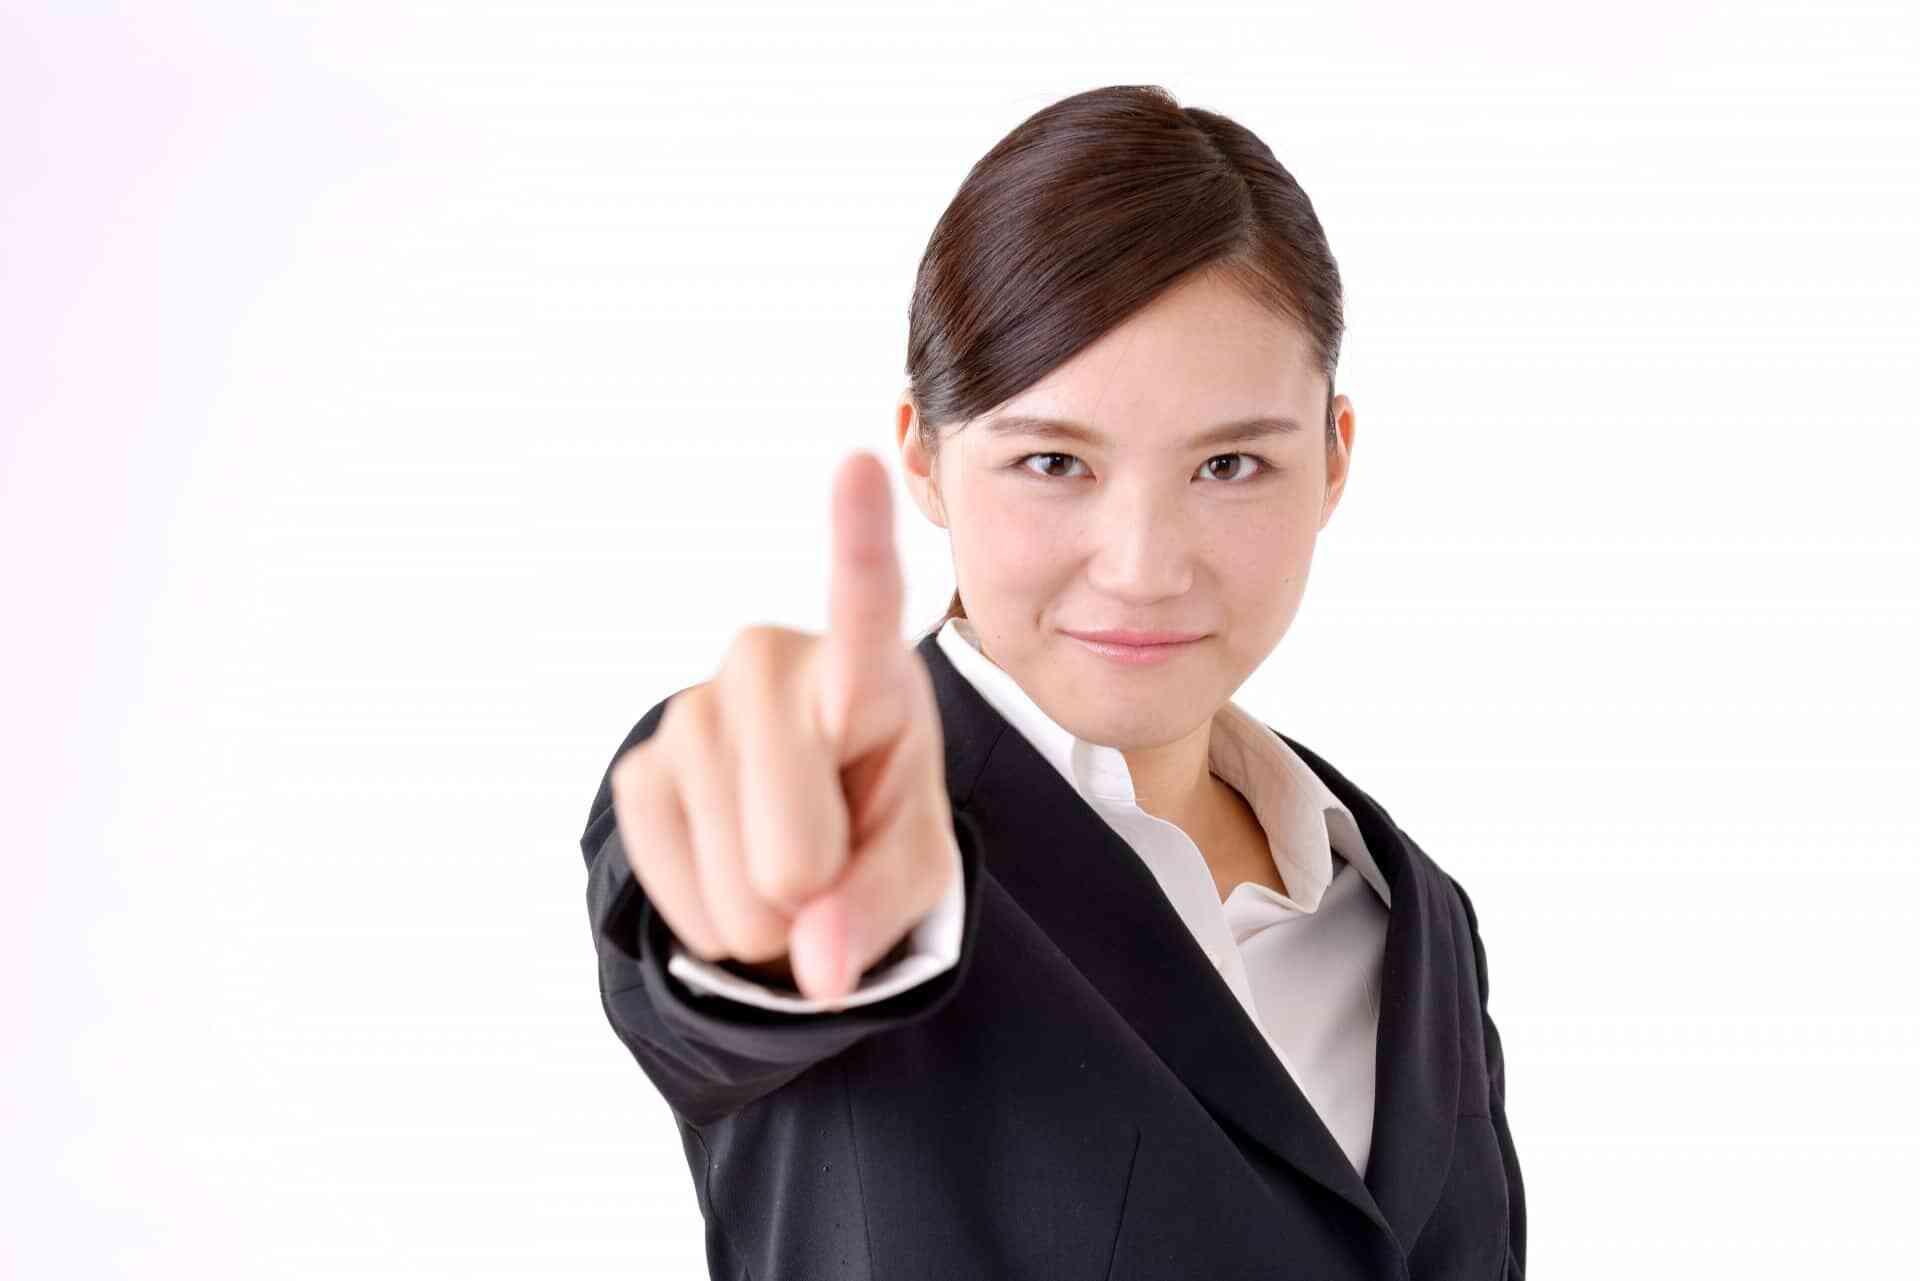 自己紹介を1分以内にまとめる以外に就活生が意識すべきこと